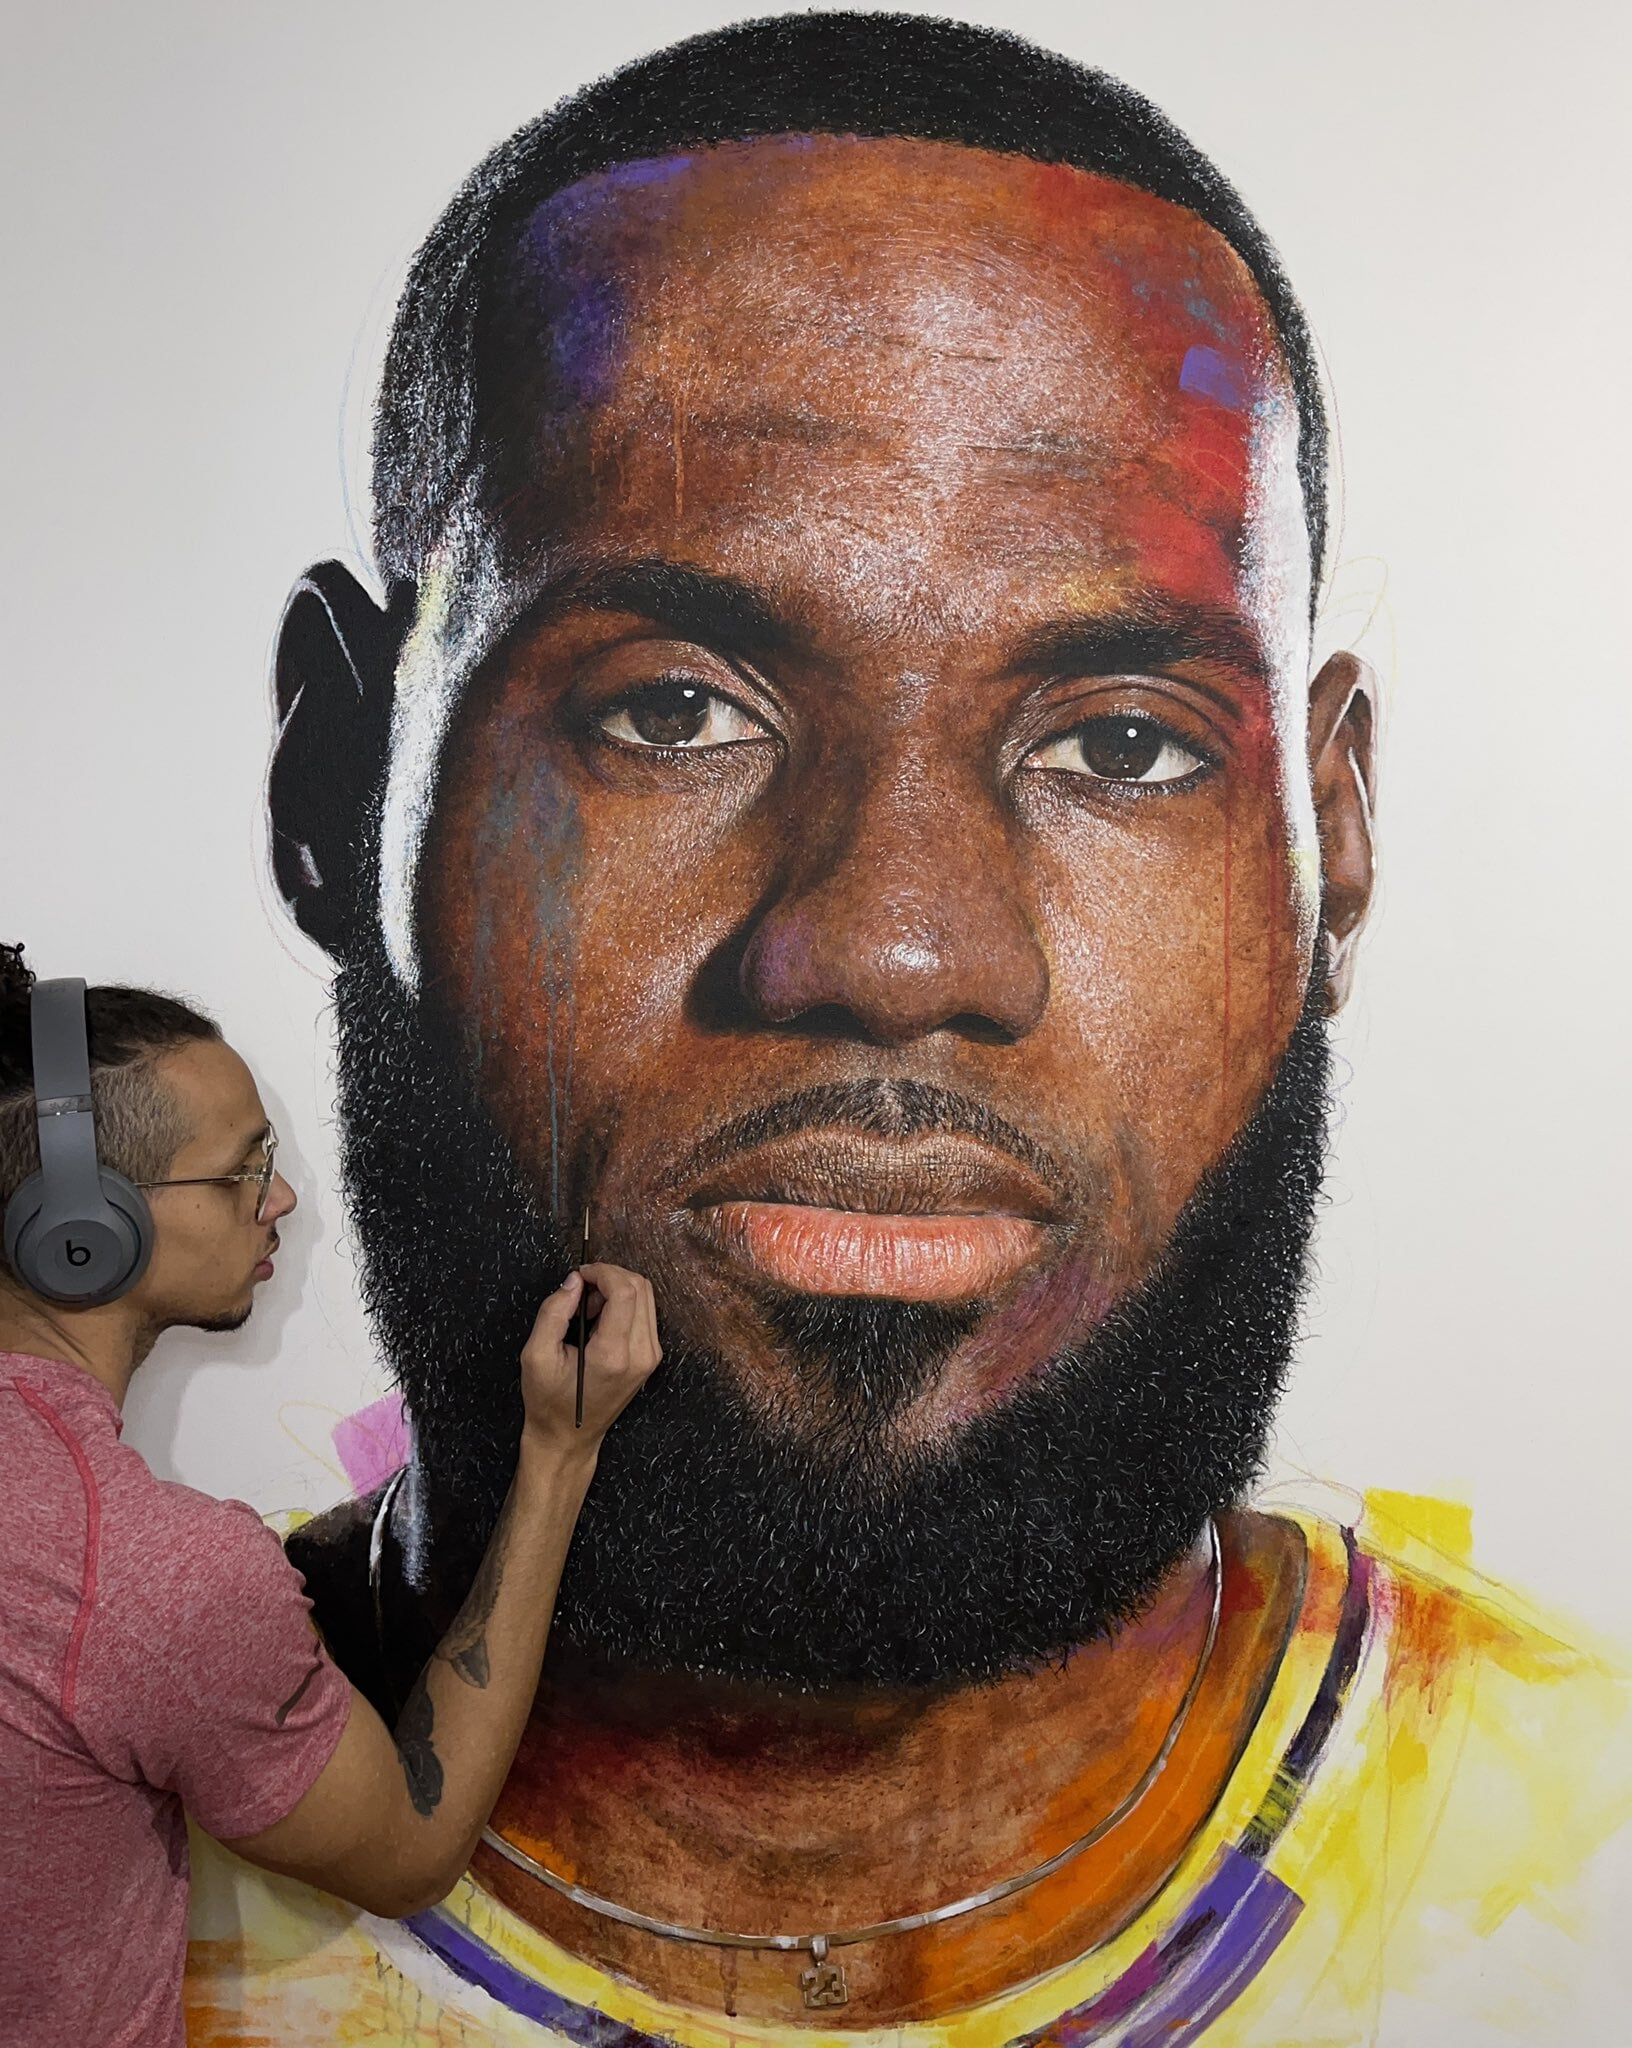 Художник нарисовал невероятно детализированное граффити с Леброном Джеймсом